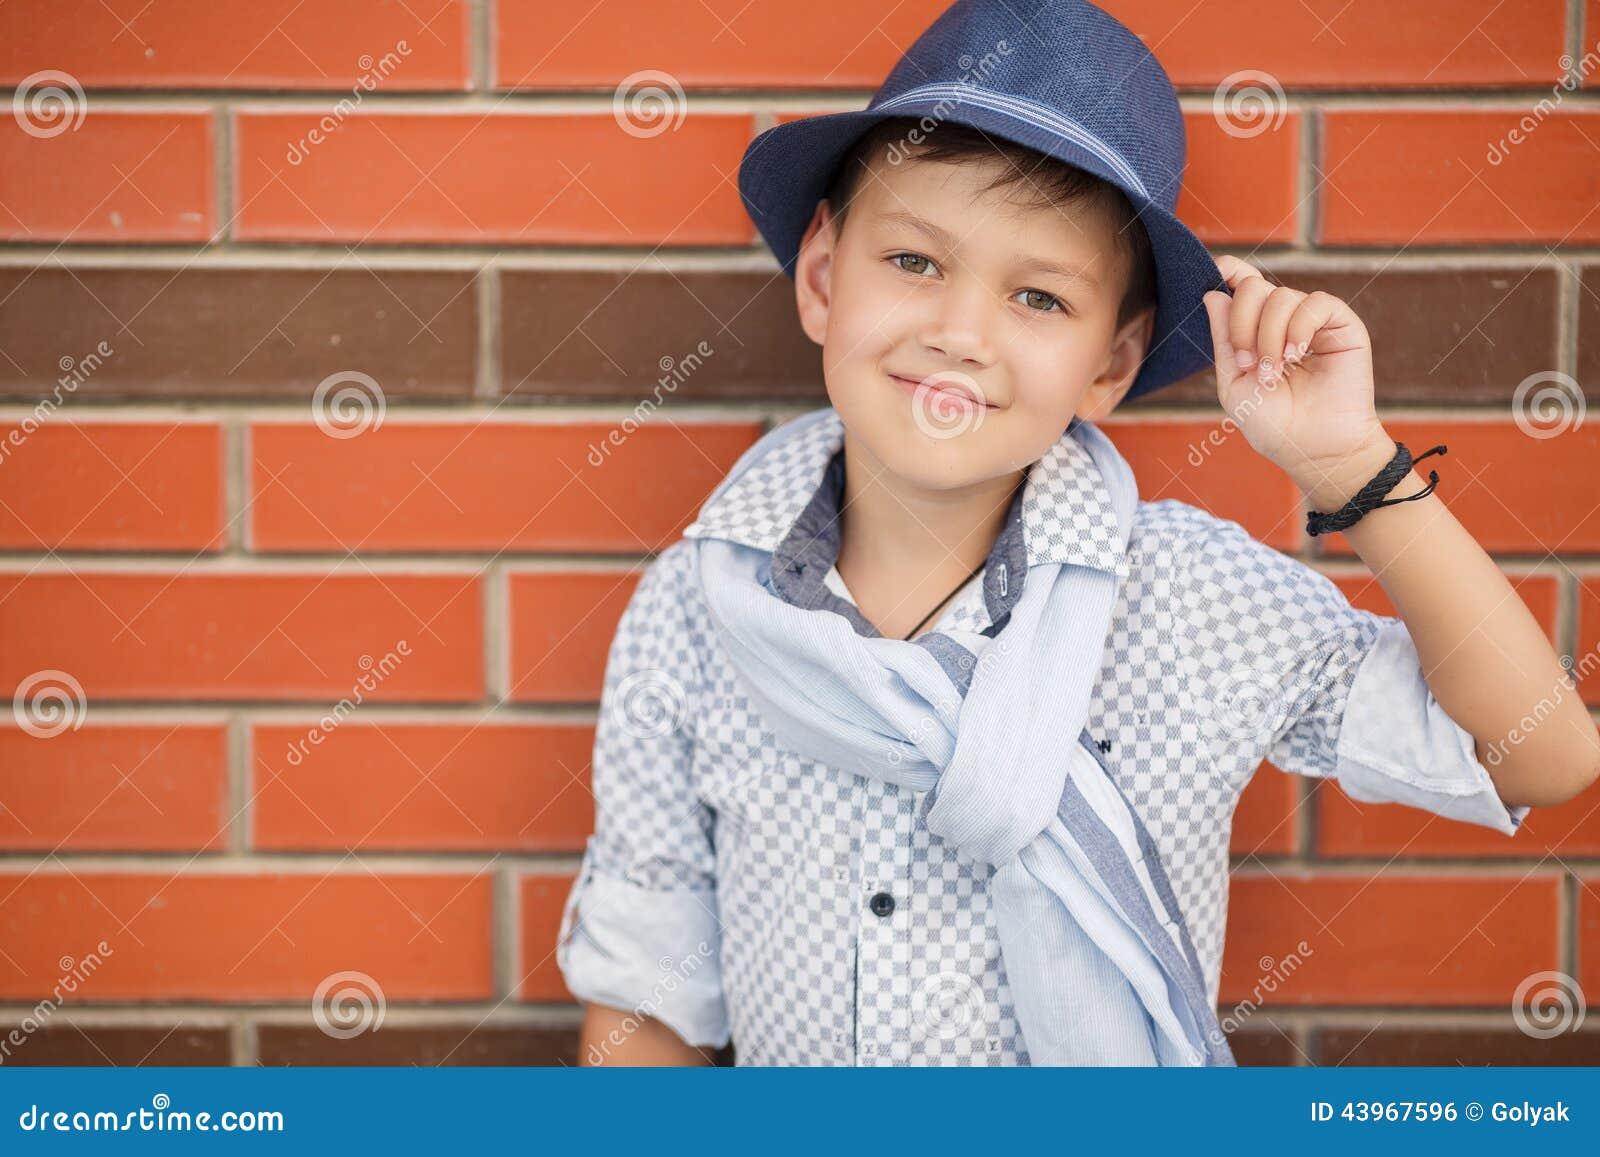 Baby stylish boy with hat catalog photo